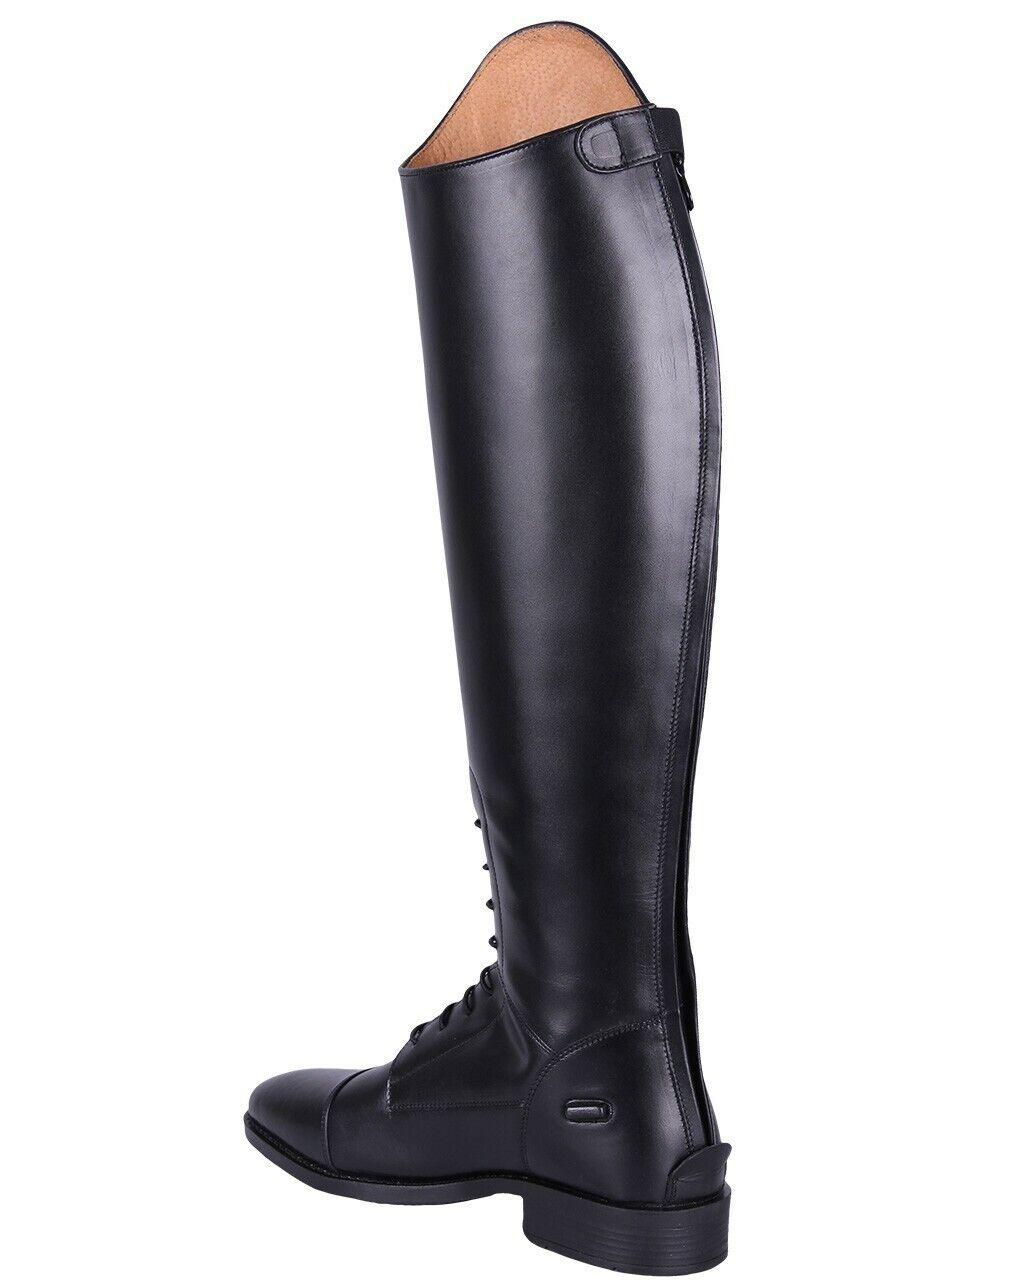 Schwarz QHP Leder-Reitstiefel Romy f/ür Kinder mit austauschbarem Design normale Wadenweite